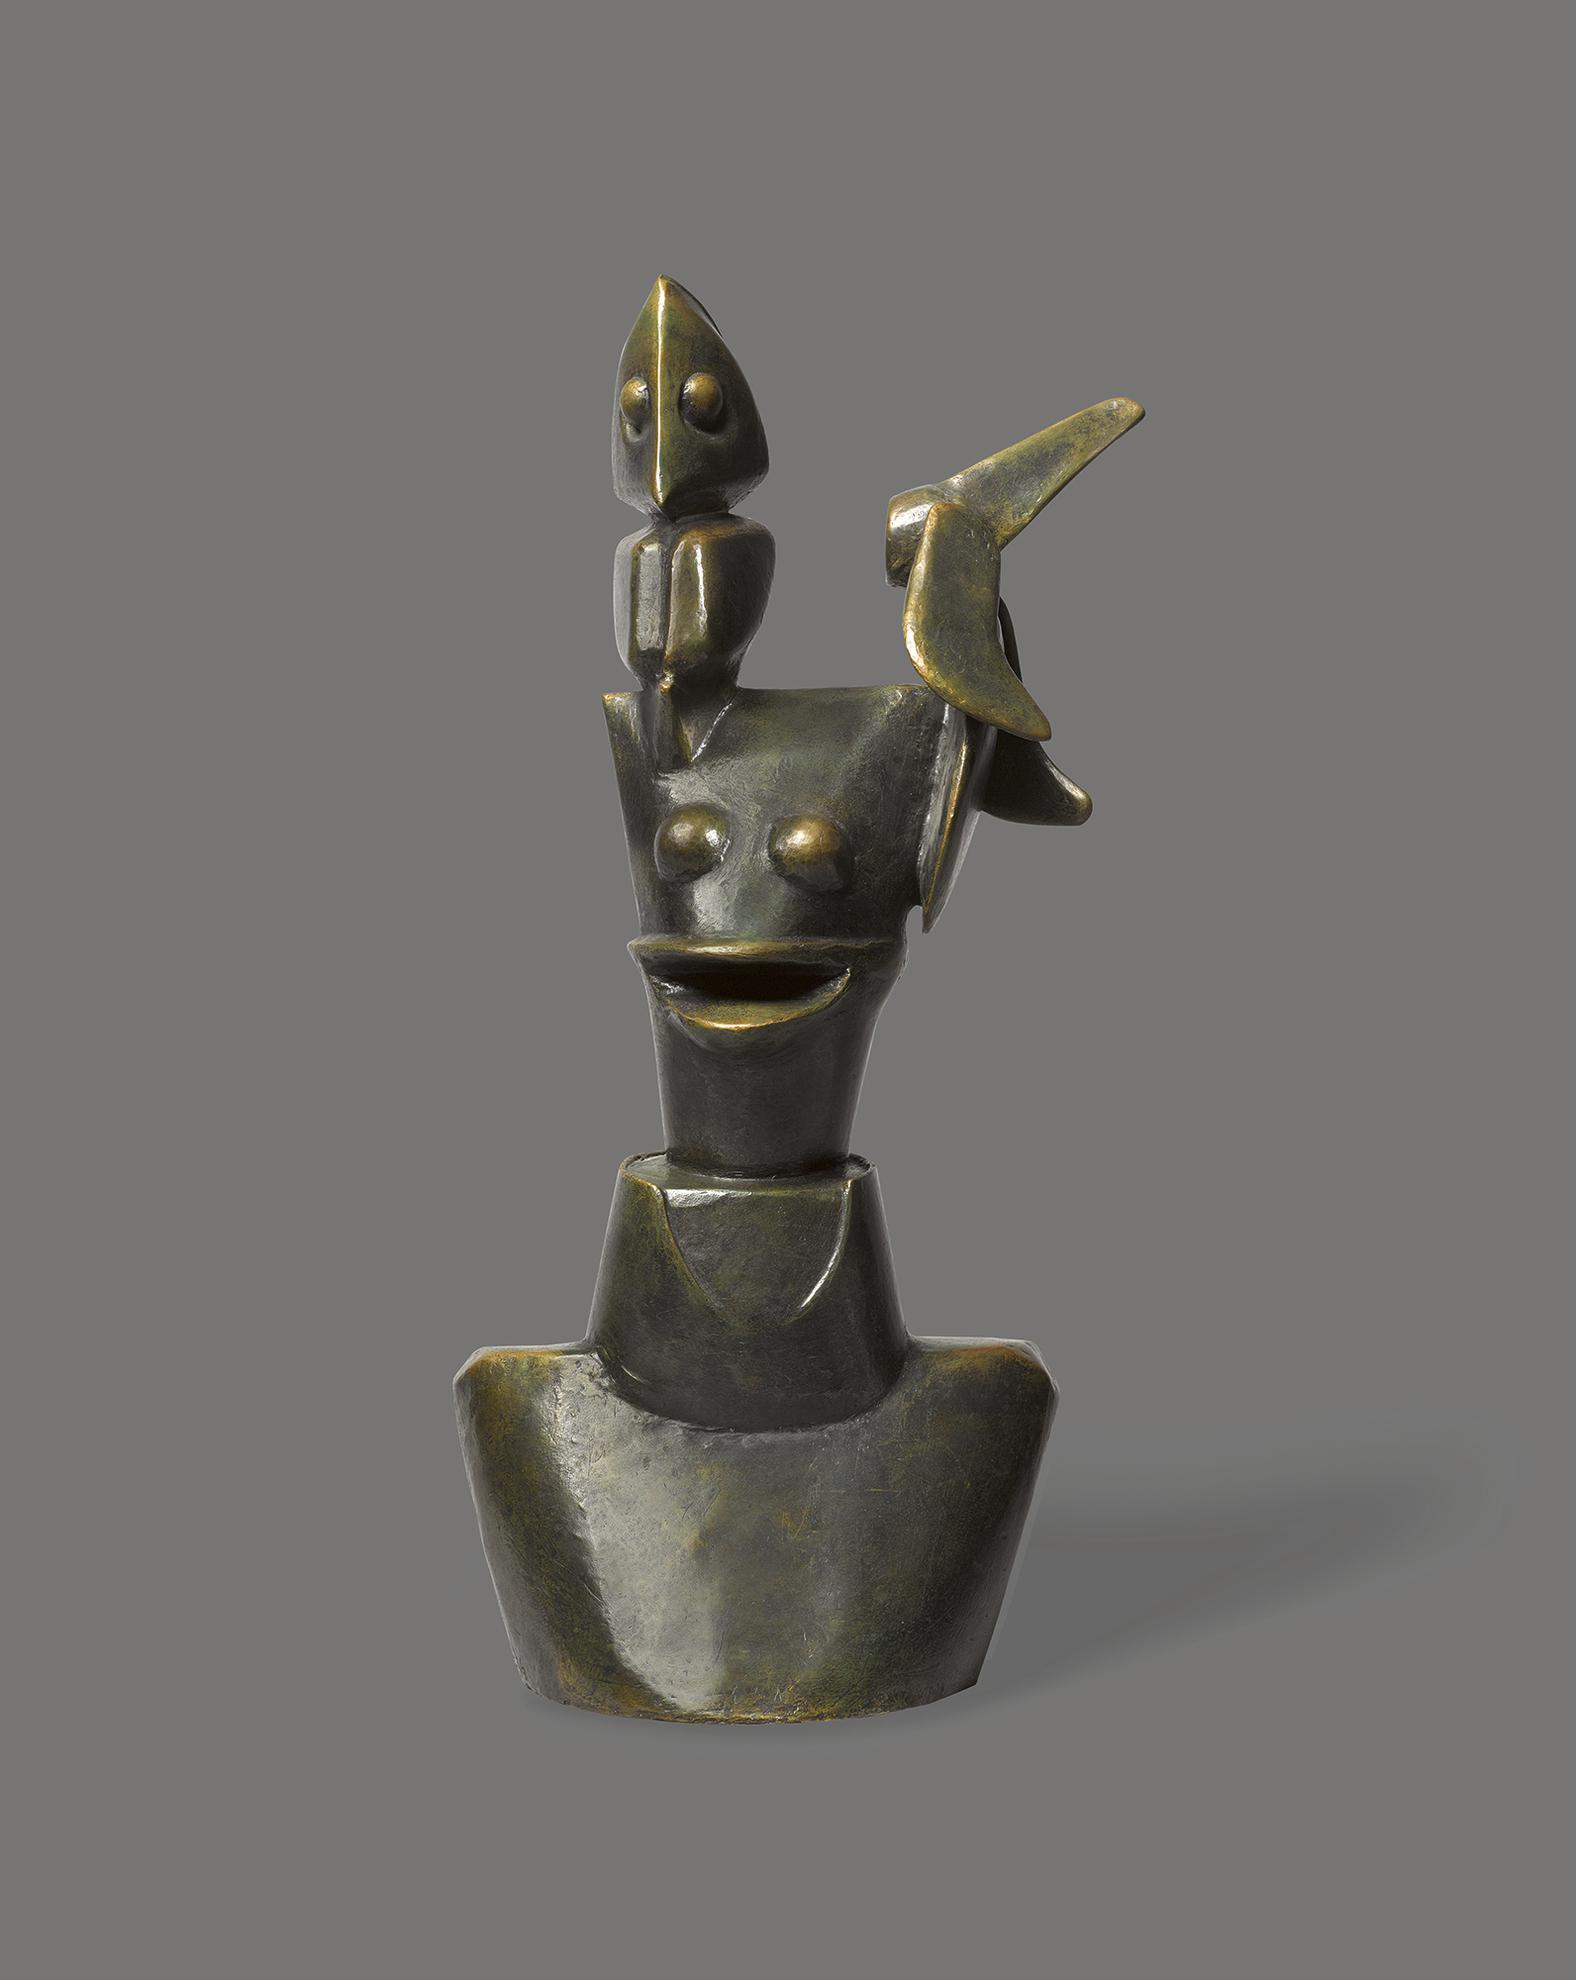 Max Ernst-Limbecile-1962